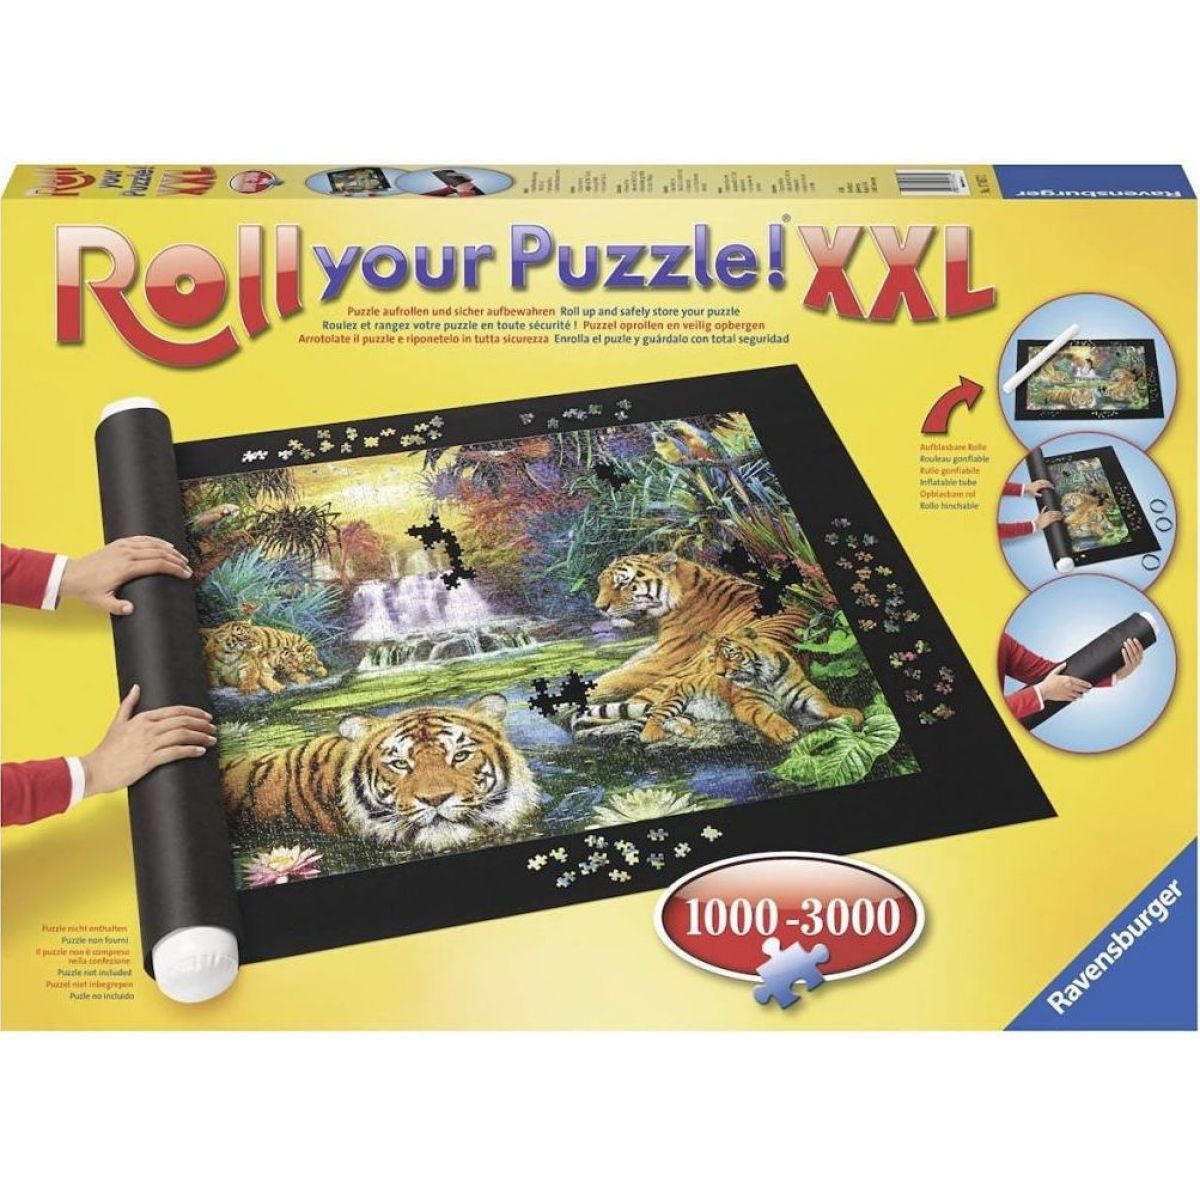 Ravensburger Roll Your Puzzle Podložka XXL 1000 - 3000 dílků